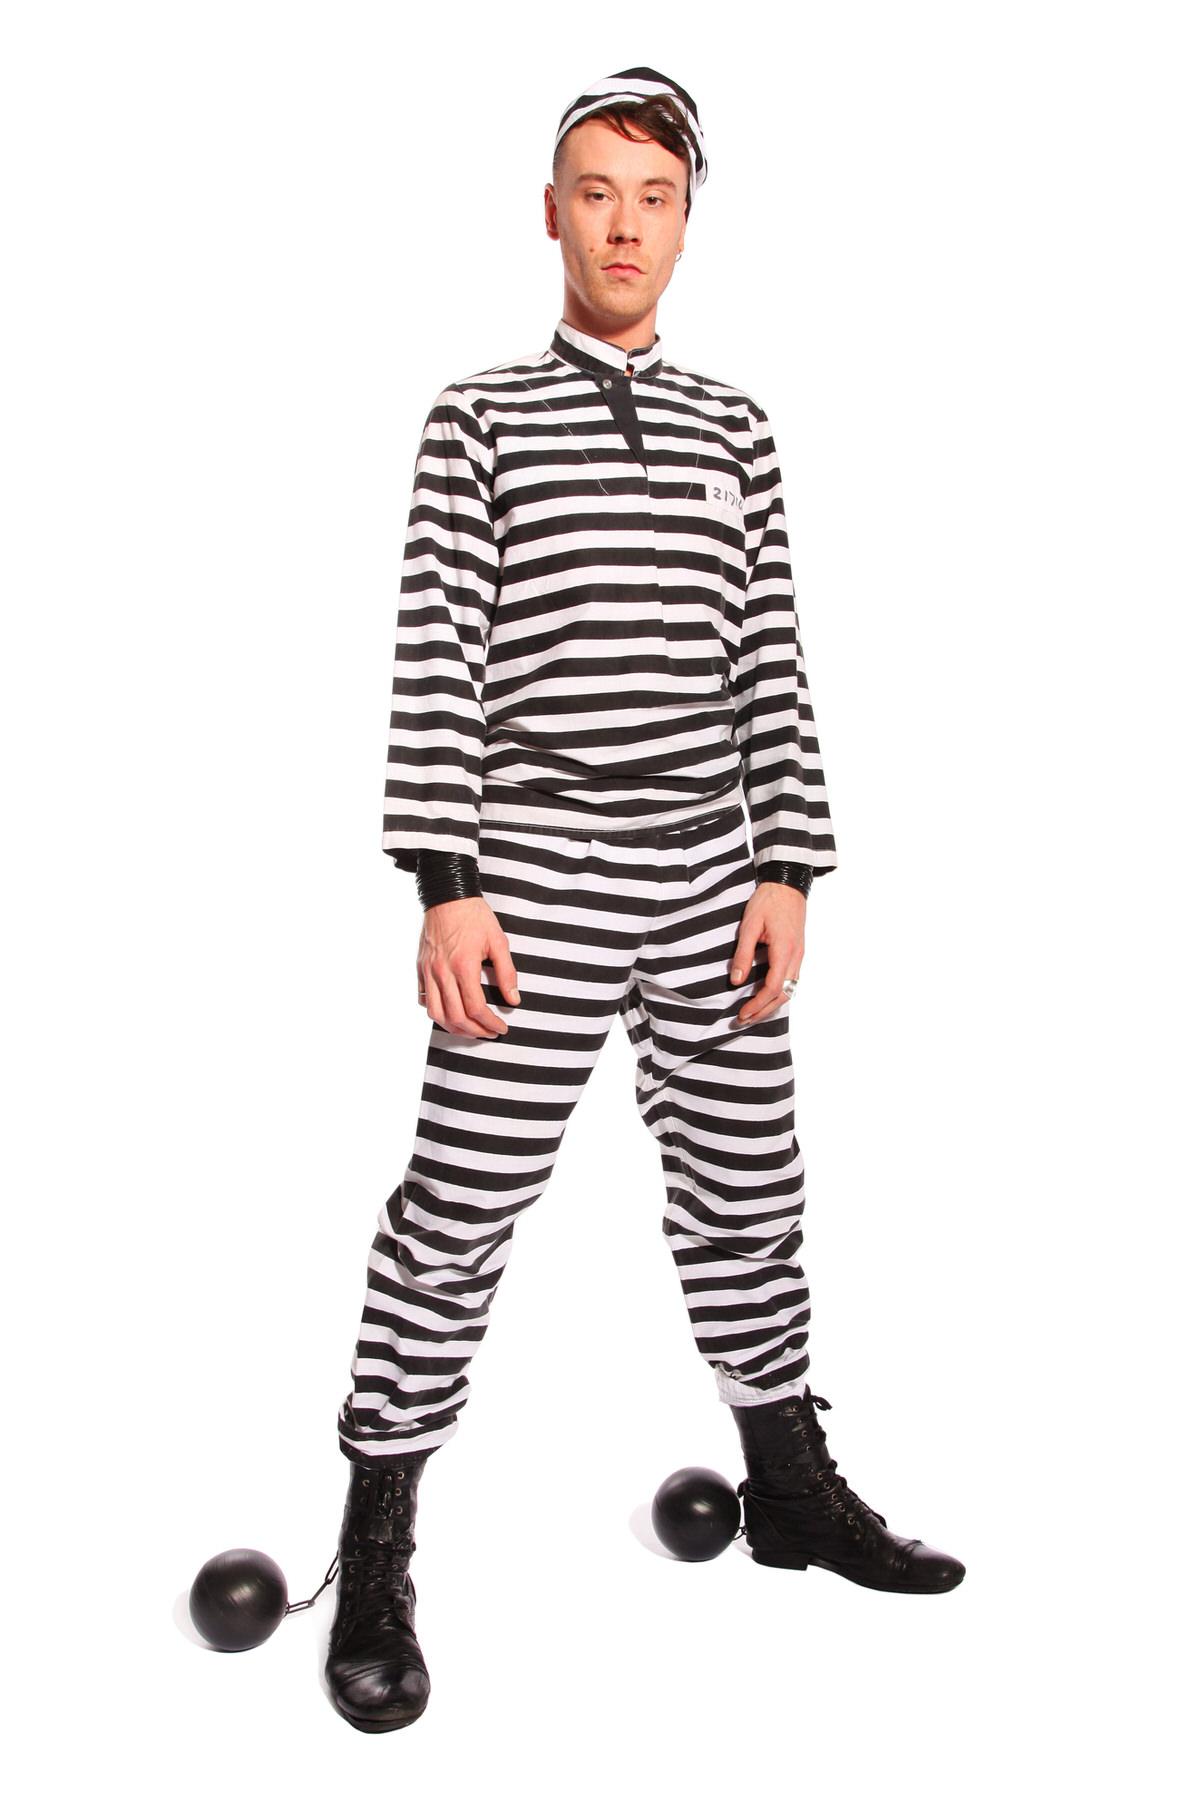 PRISONER STRIPED COSTUME W BALL AND CHAIN